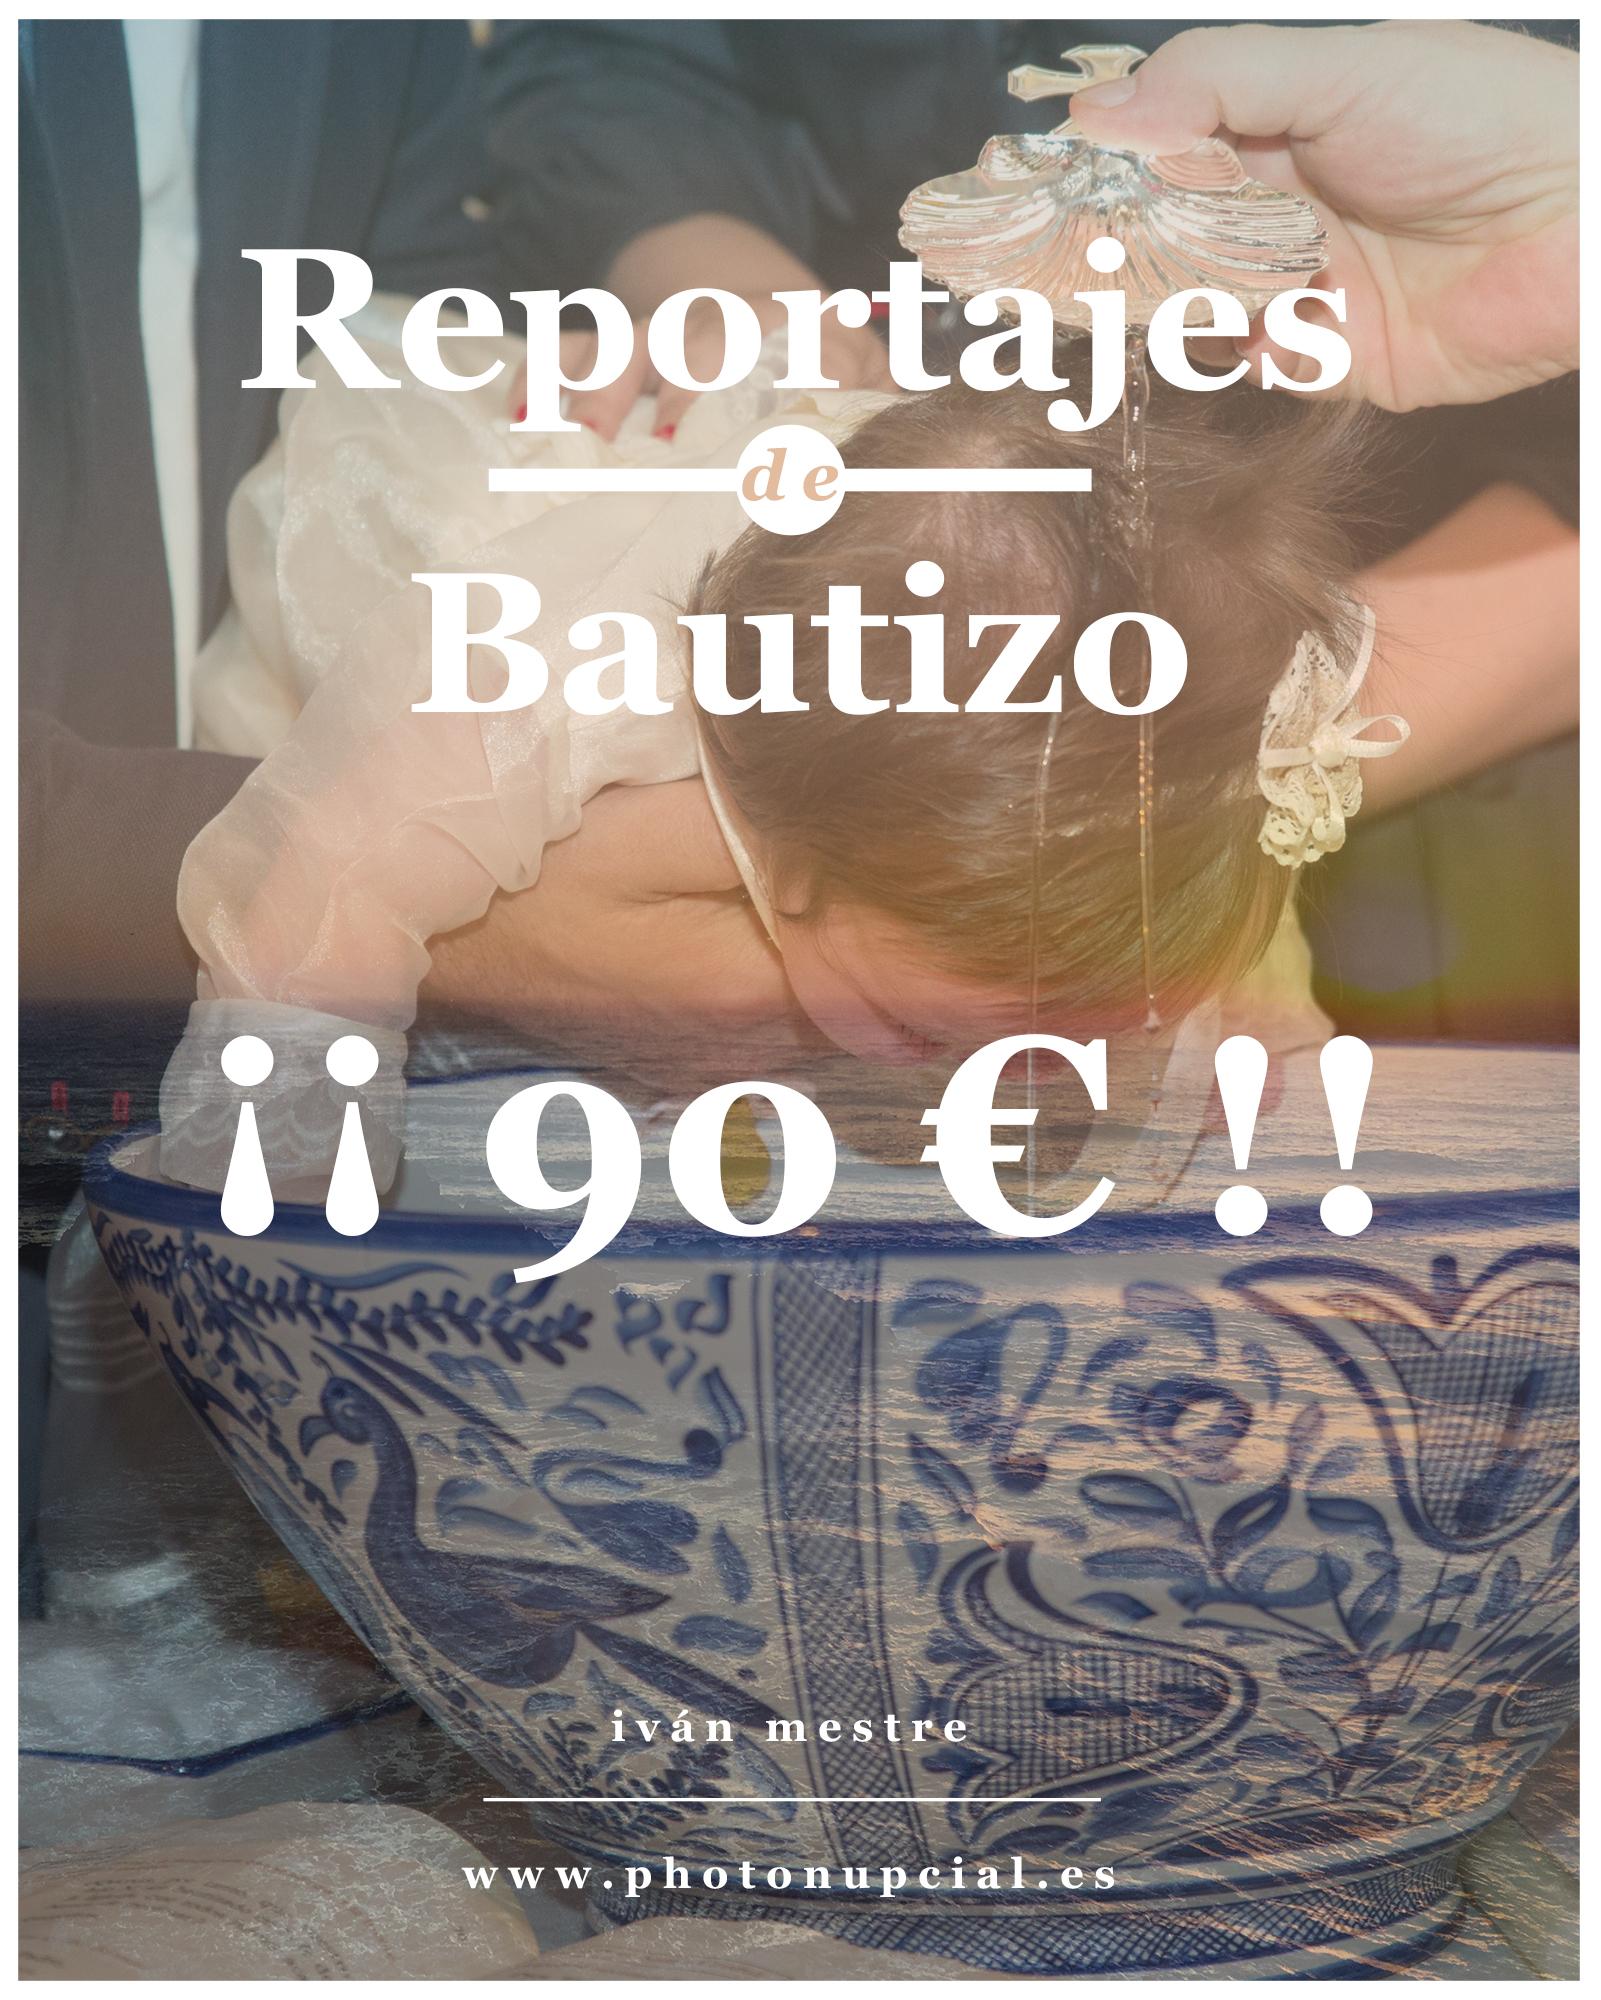 Reportaje de bautizo por 90 €